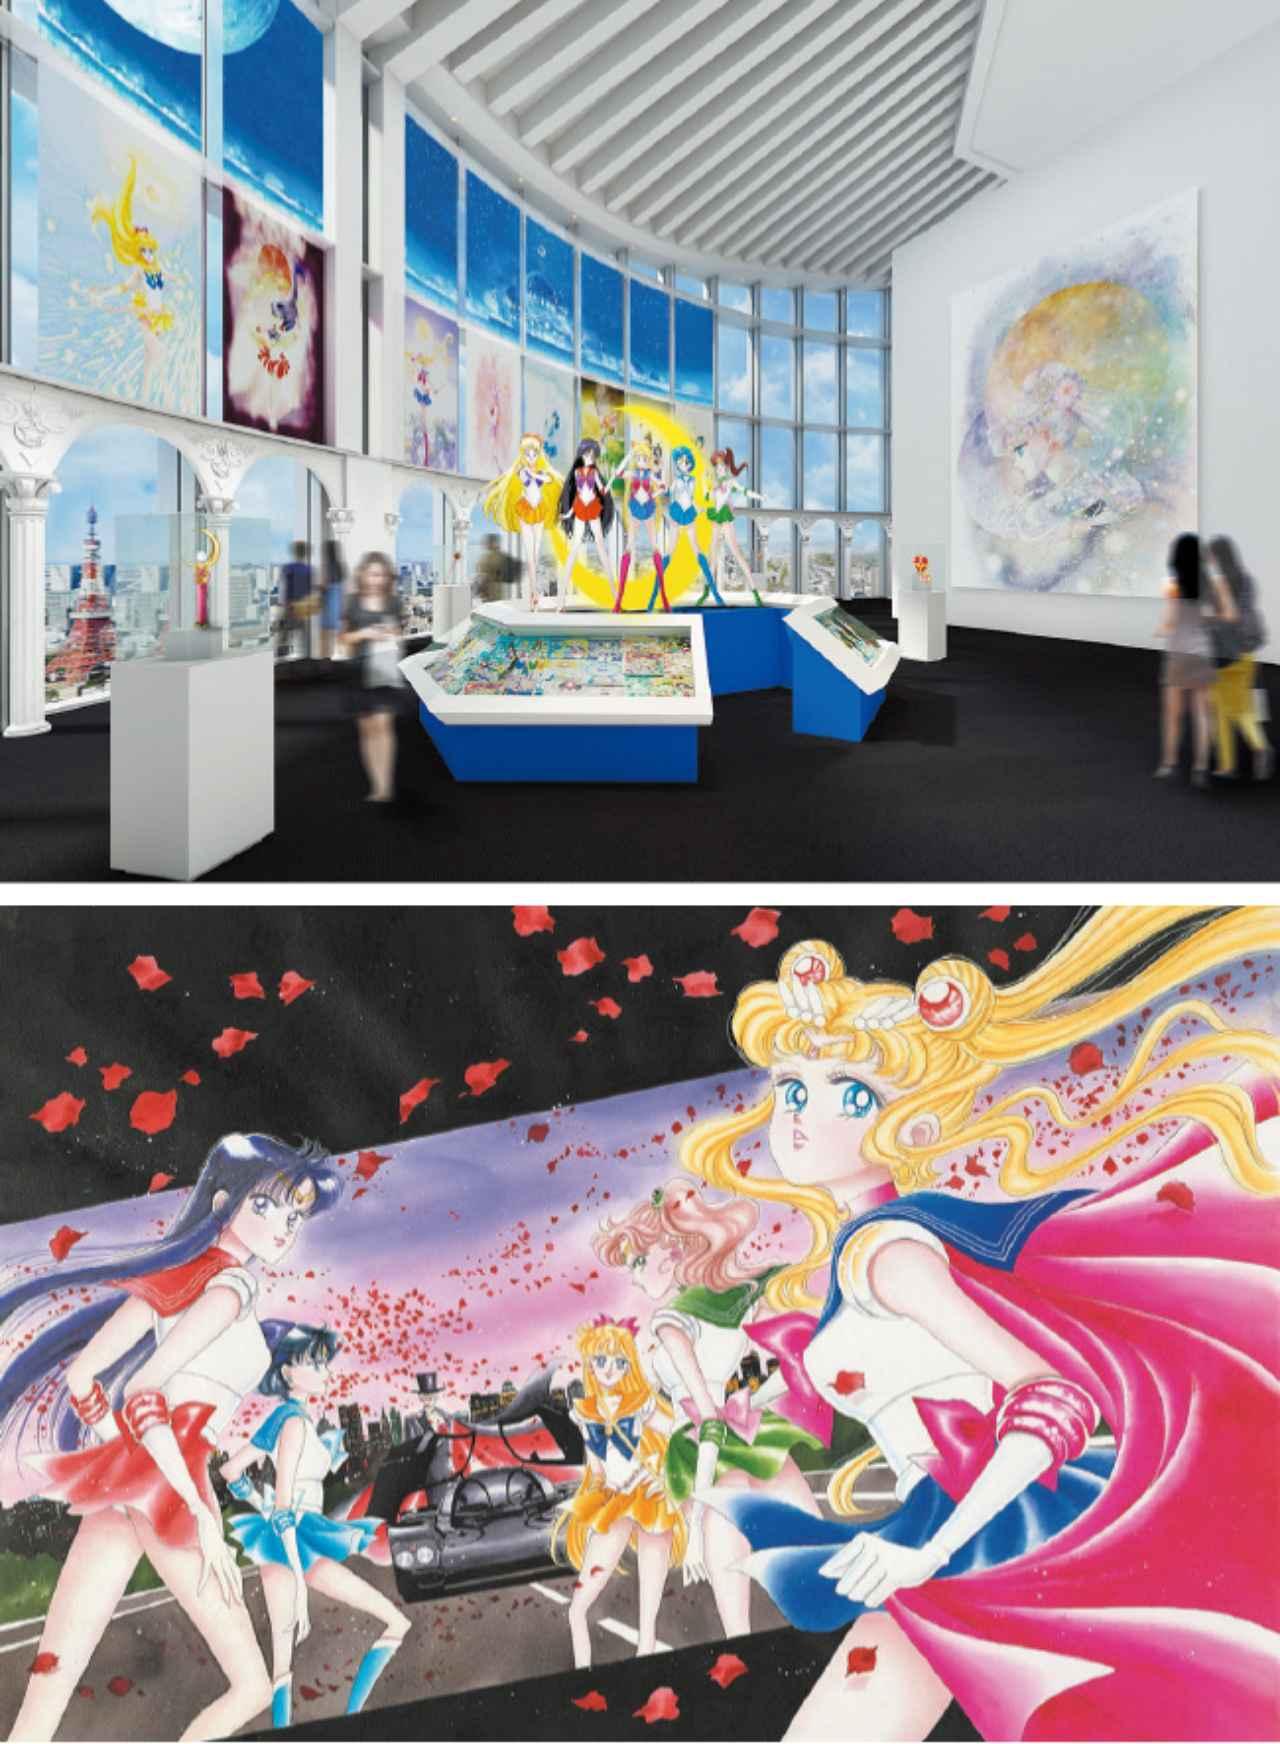 画像: 【写真上】会場エントランスは、ムーンキャッスルをイメージした空間に。セーラー戦士全員がお迎え! 【写真下】原作者・武内直子氏の原画も3期に分けて展示。写真は通期展示作品。©Naoko Takeuchi